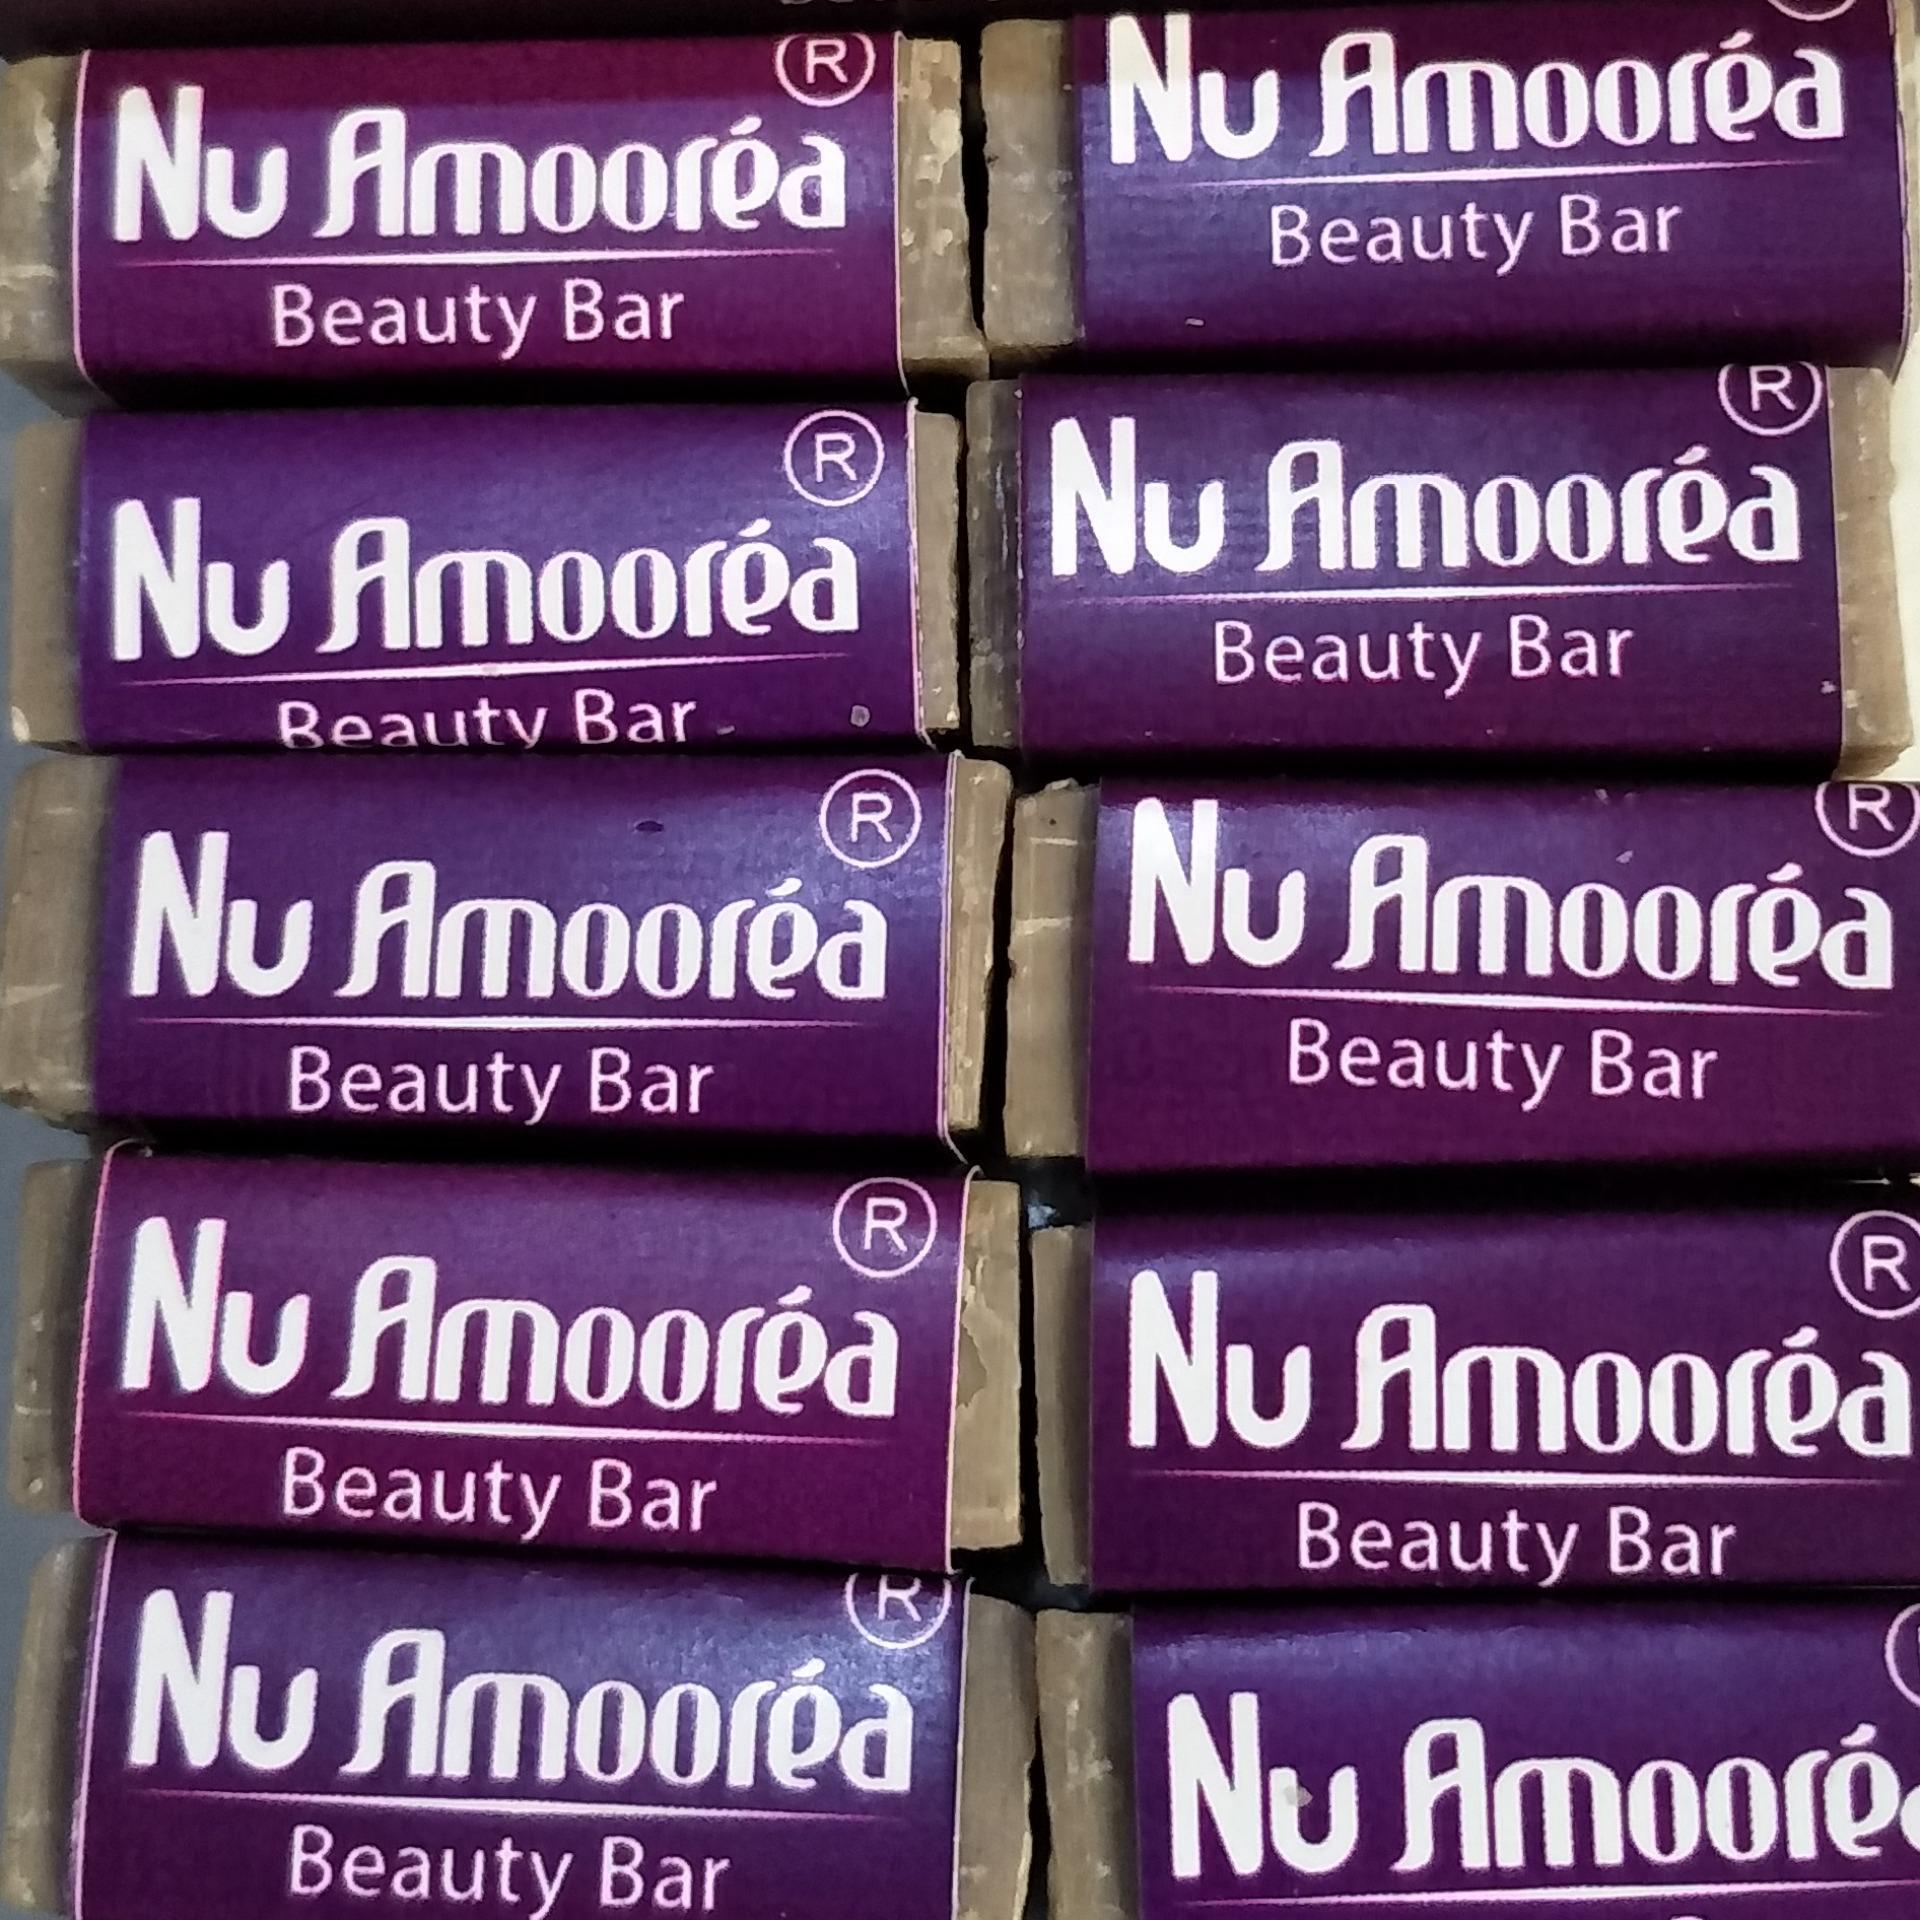 Sabun Nu Amoorea Beauty Bar 12 5 Gr Atau Setengah Original 25 Asli Ptdep Kecantikan 1 4